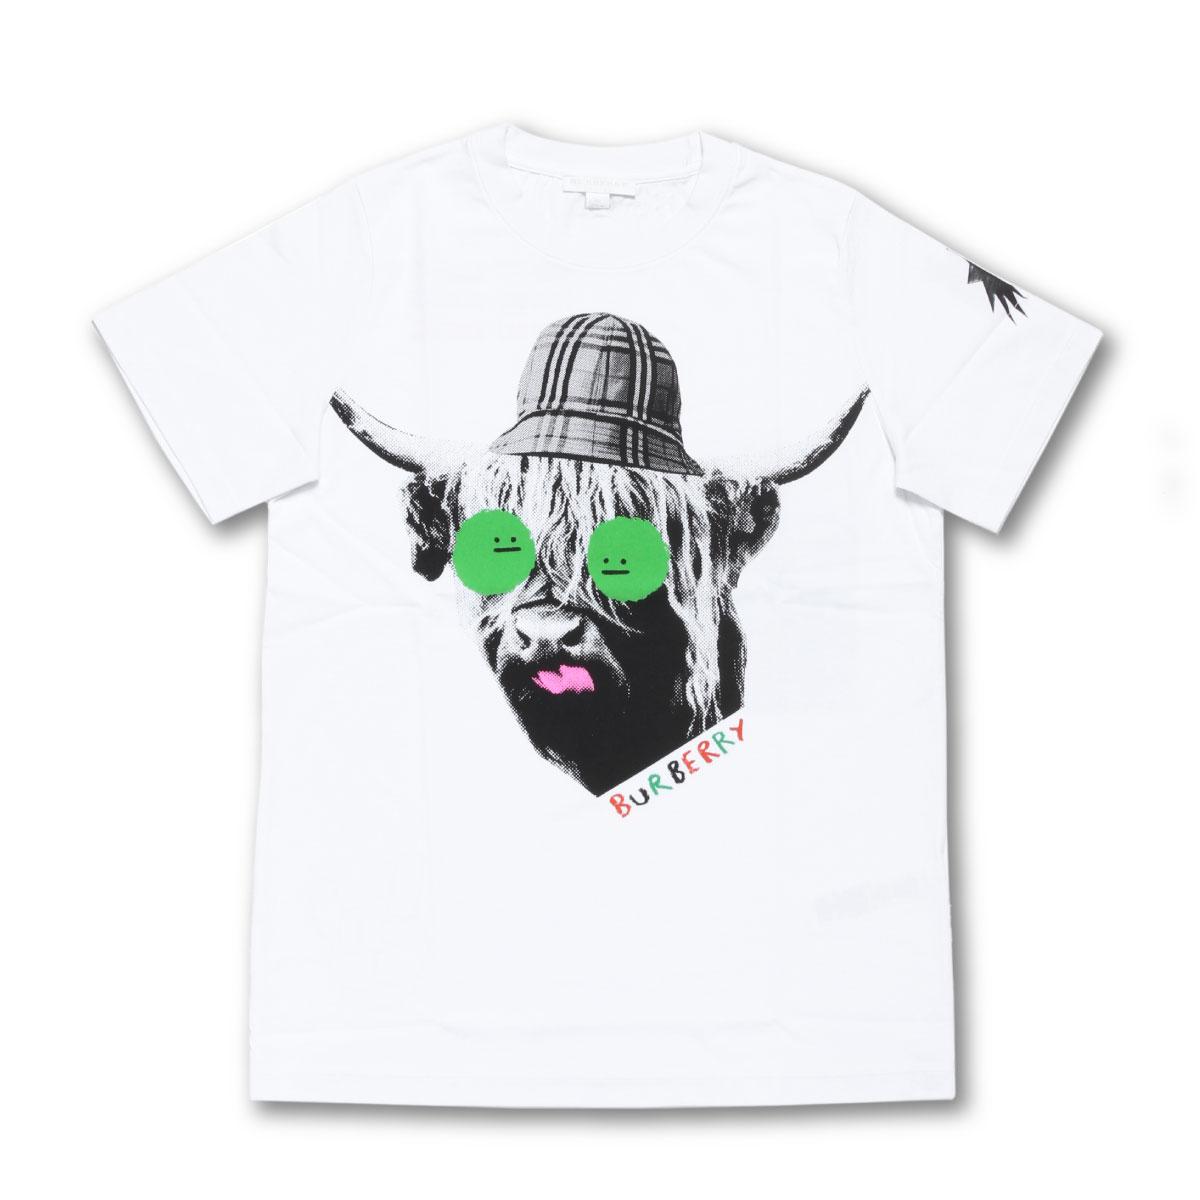 バーバリー BURBERRY Tシャツ キッズ ボーイズ ガールズ 8007092 半袖Tシャツ WHITE ホワイト 14A